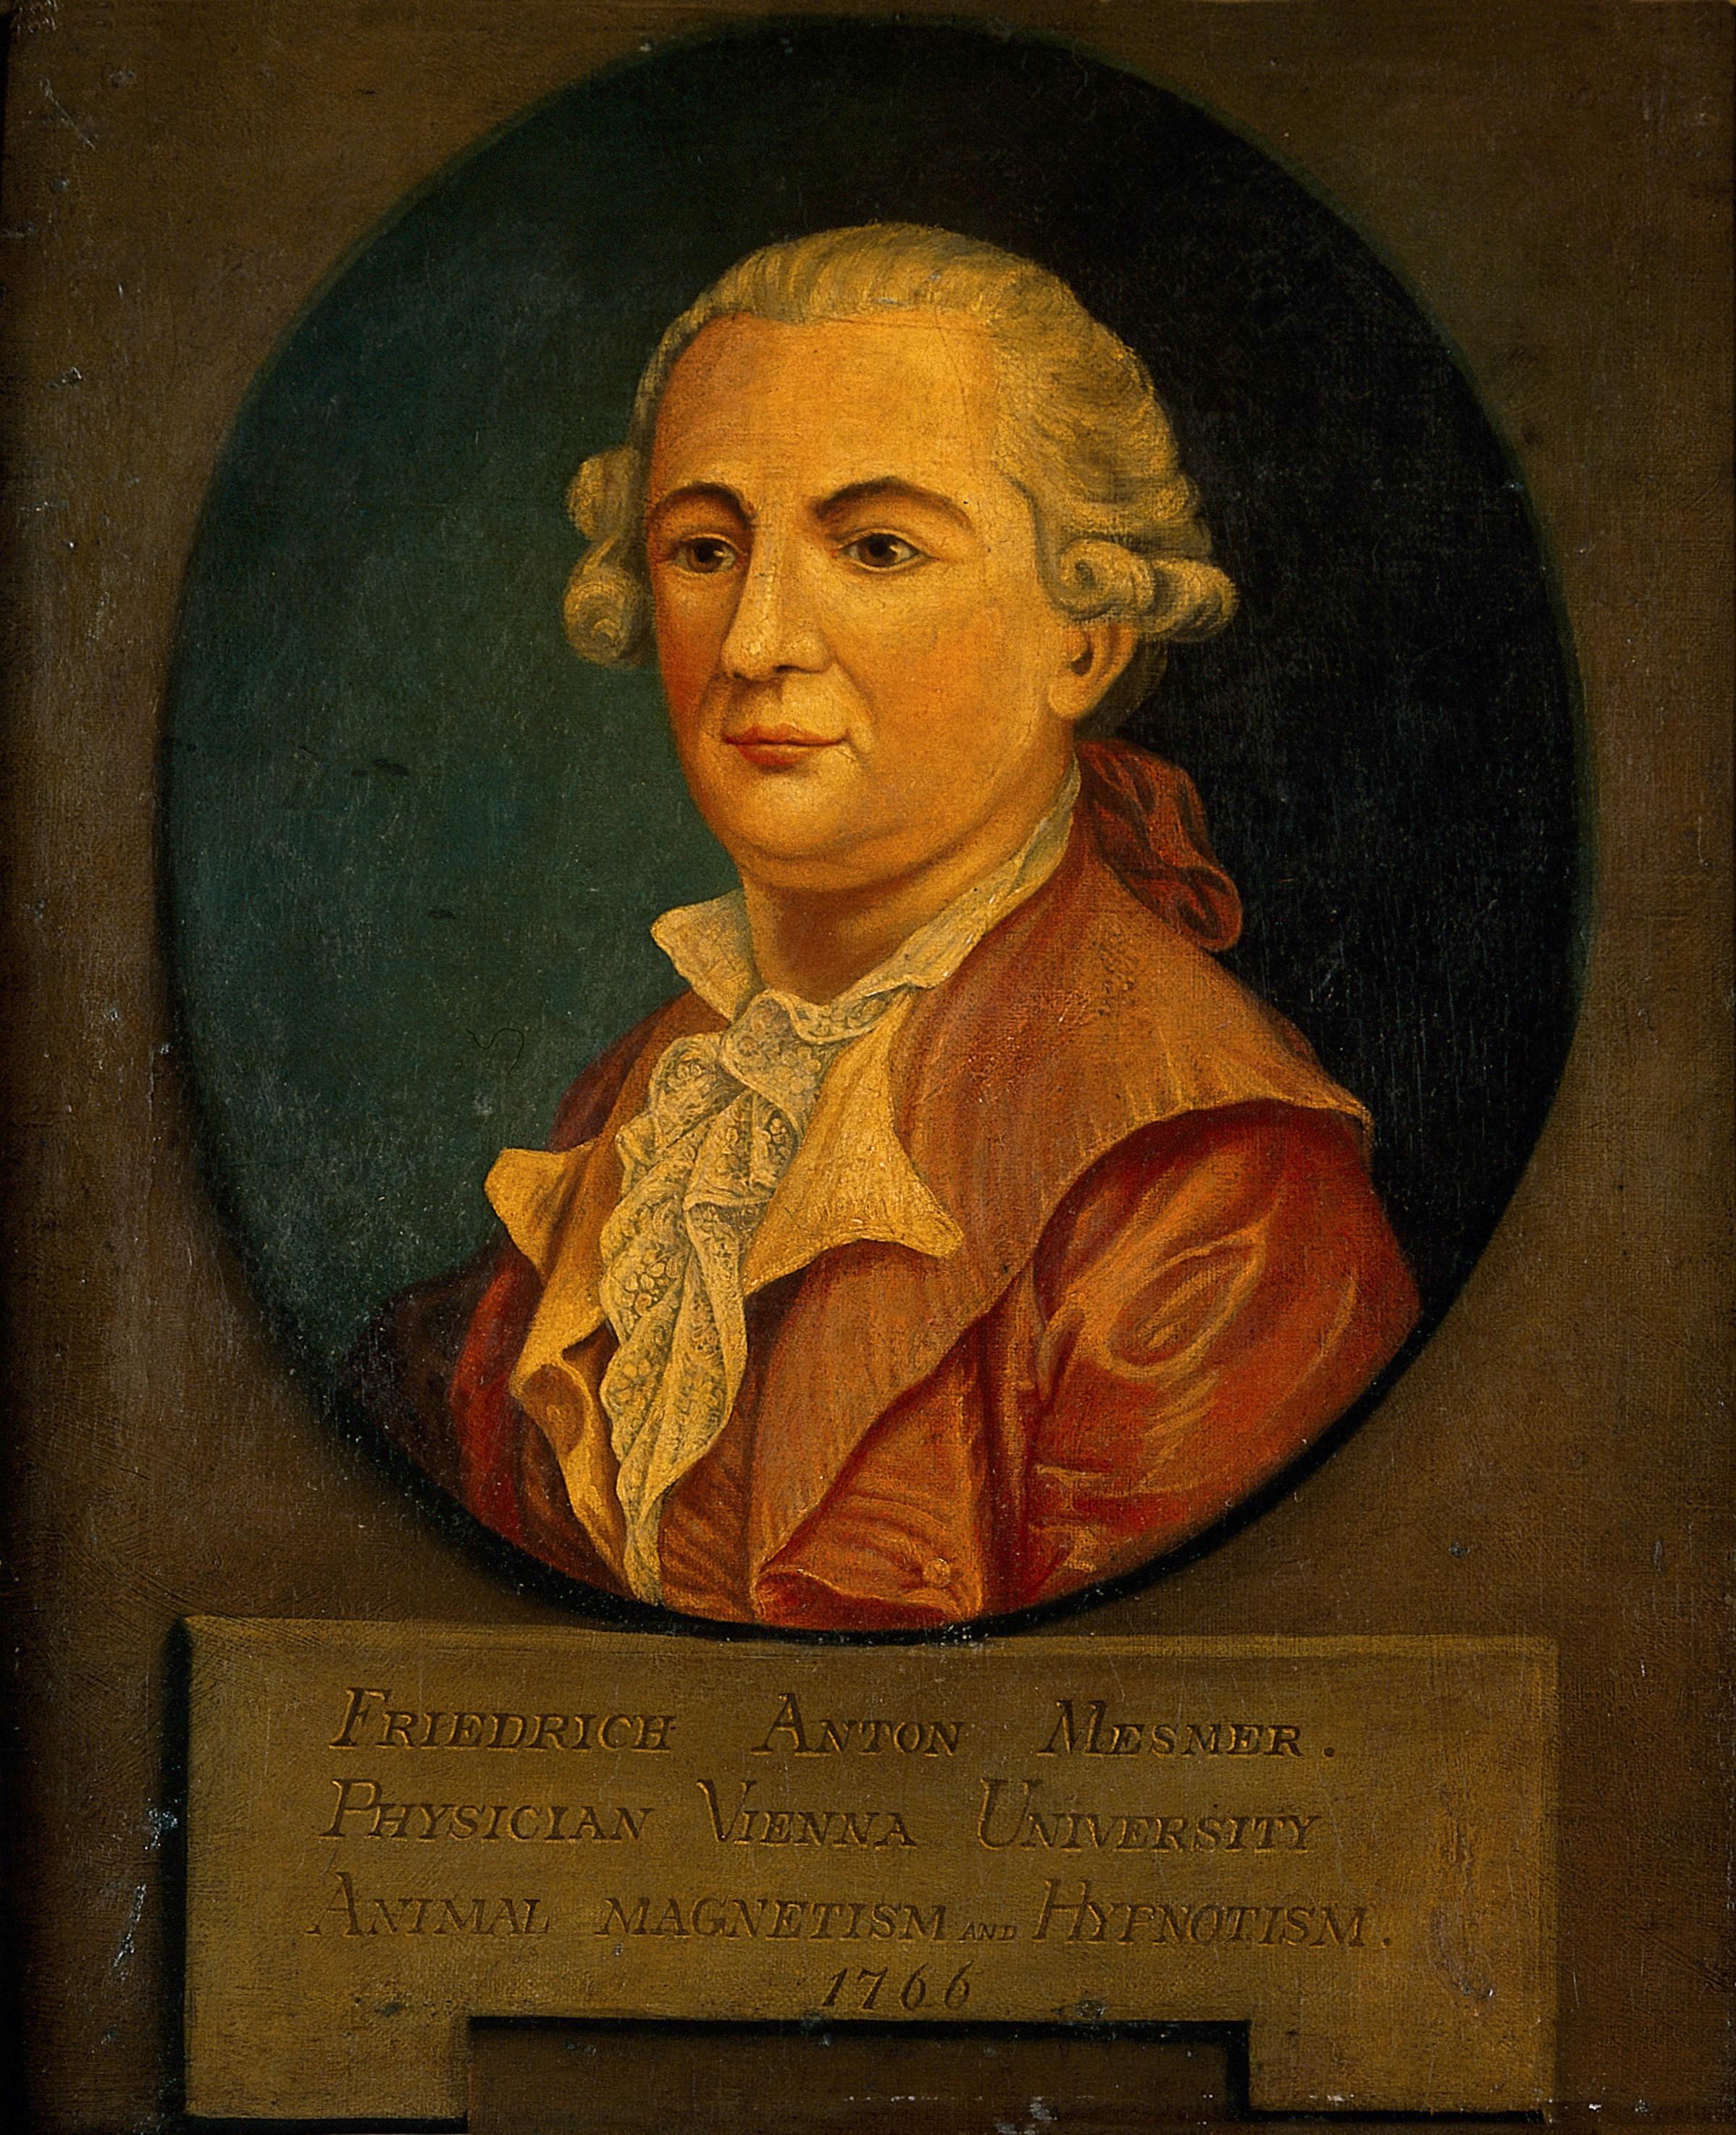 F.A. MESMER